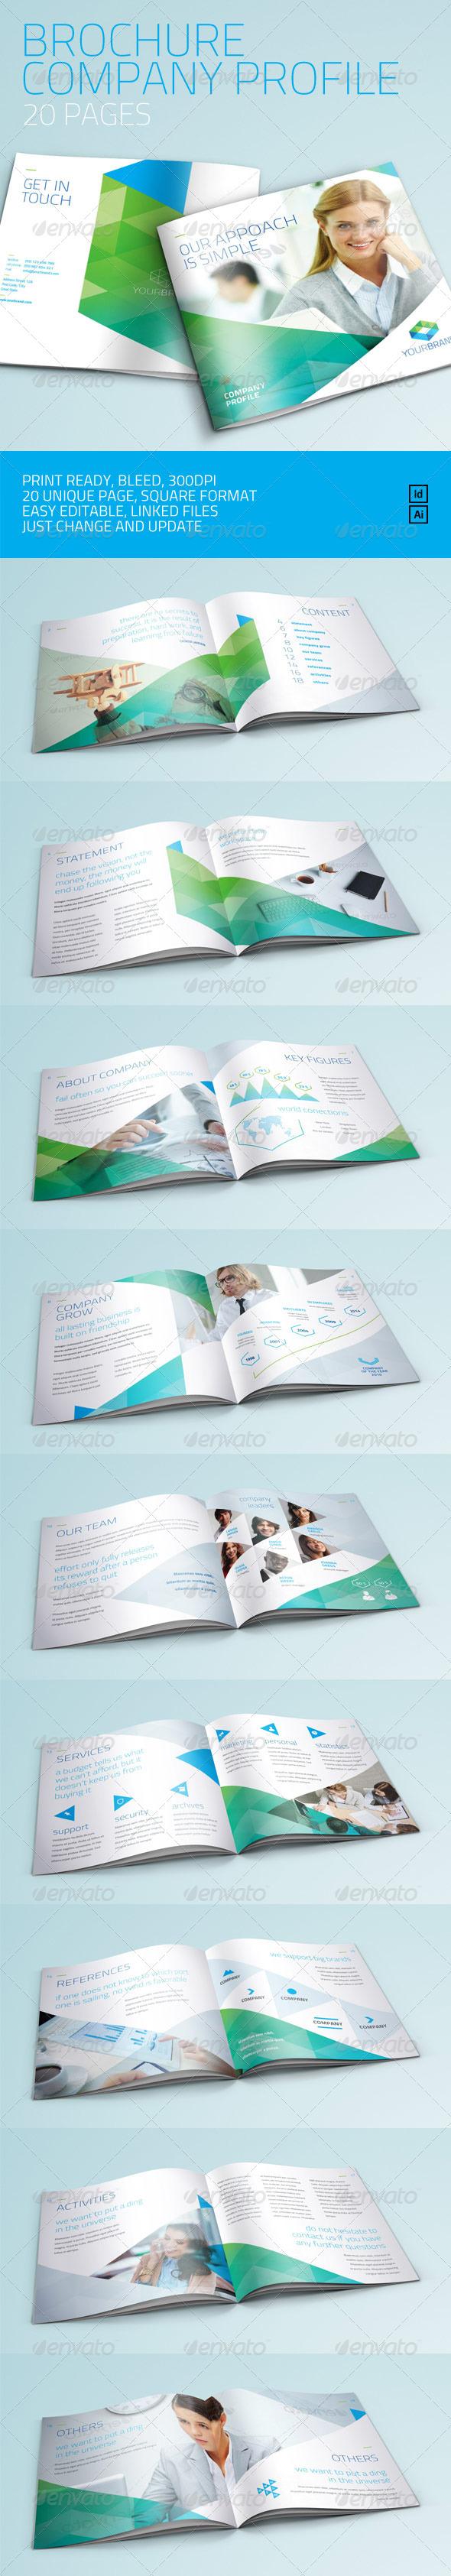 GraphicRiver Brochure Company Profile Multi Purpose 6839848